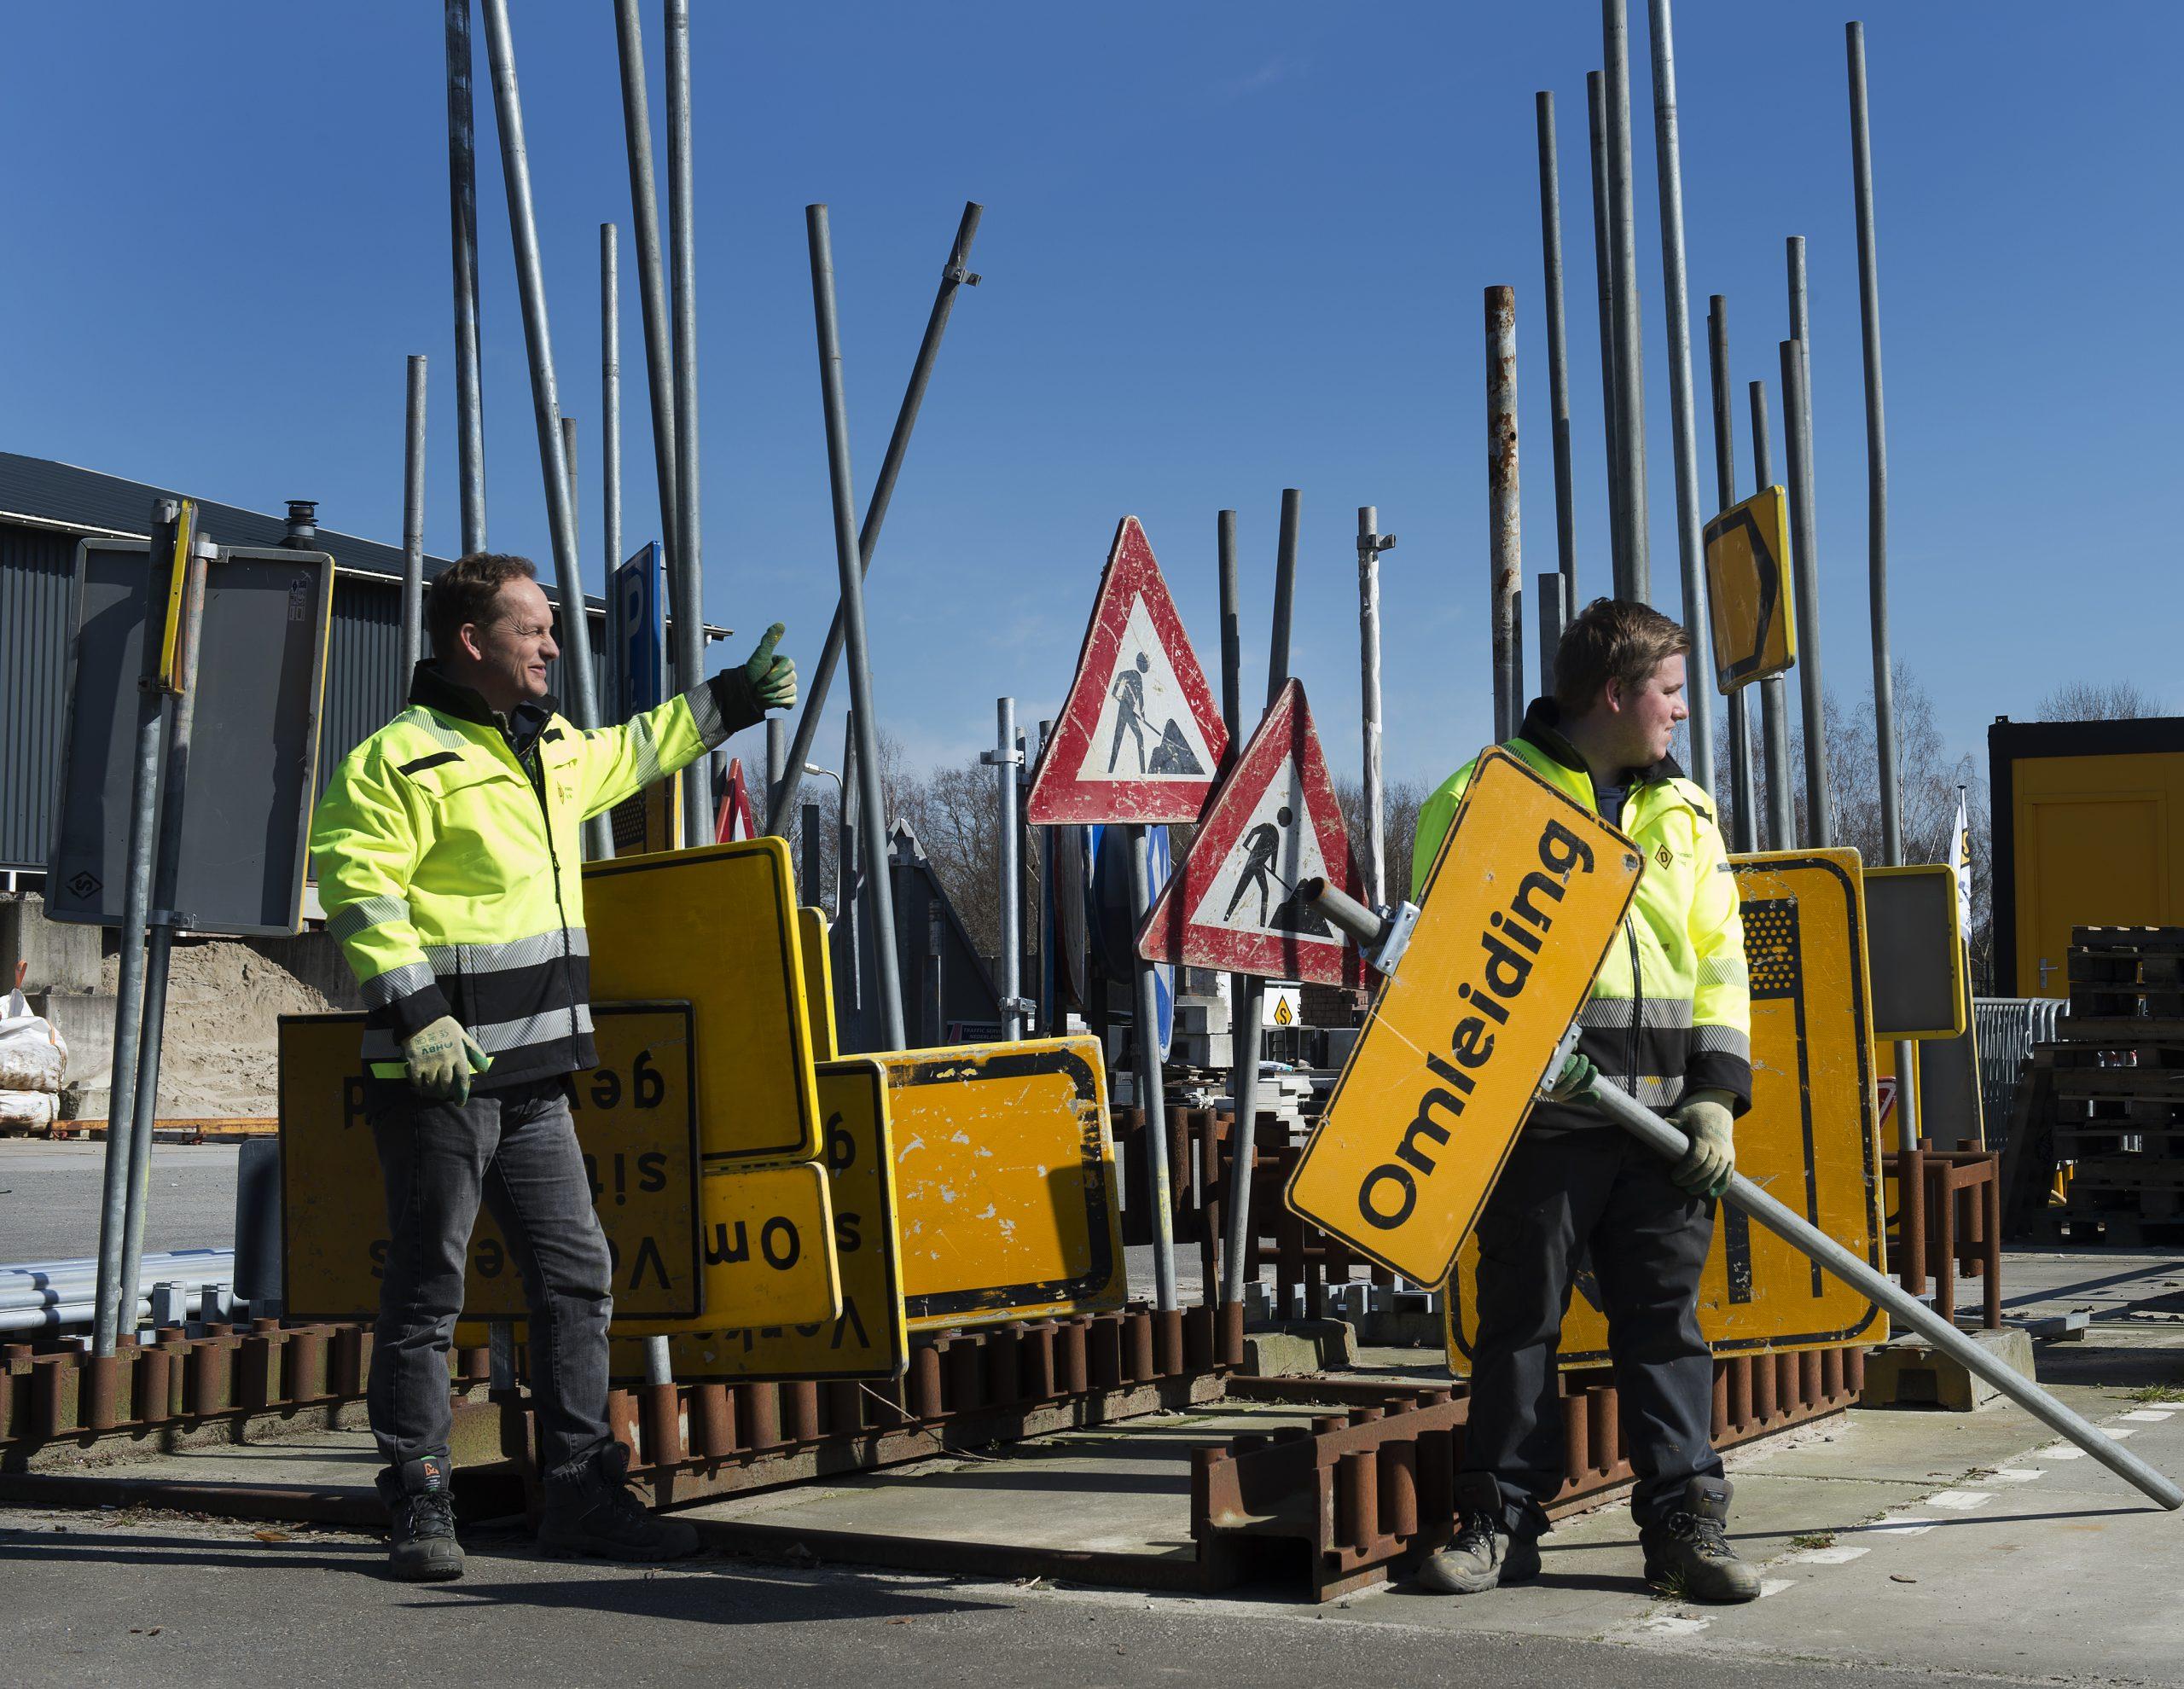 Dynamisch op Weg. Foto: Sallandse Wegenbouw